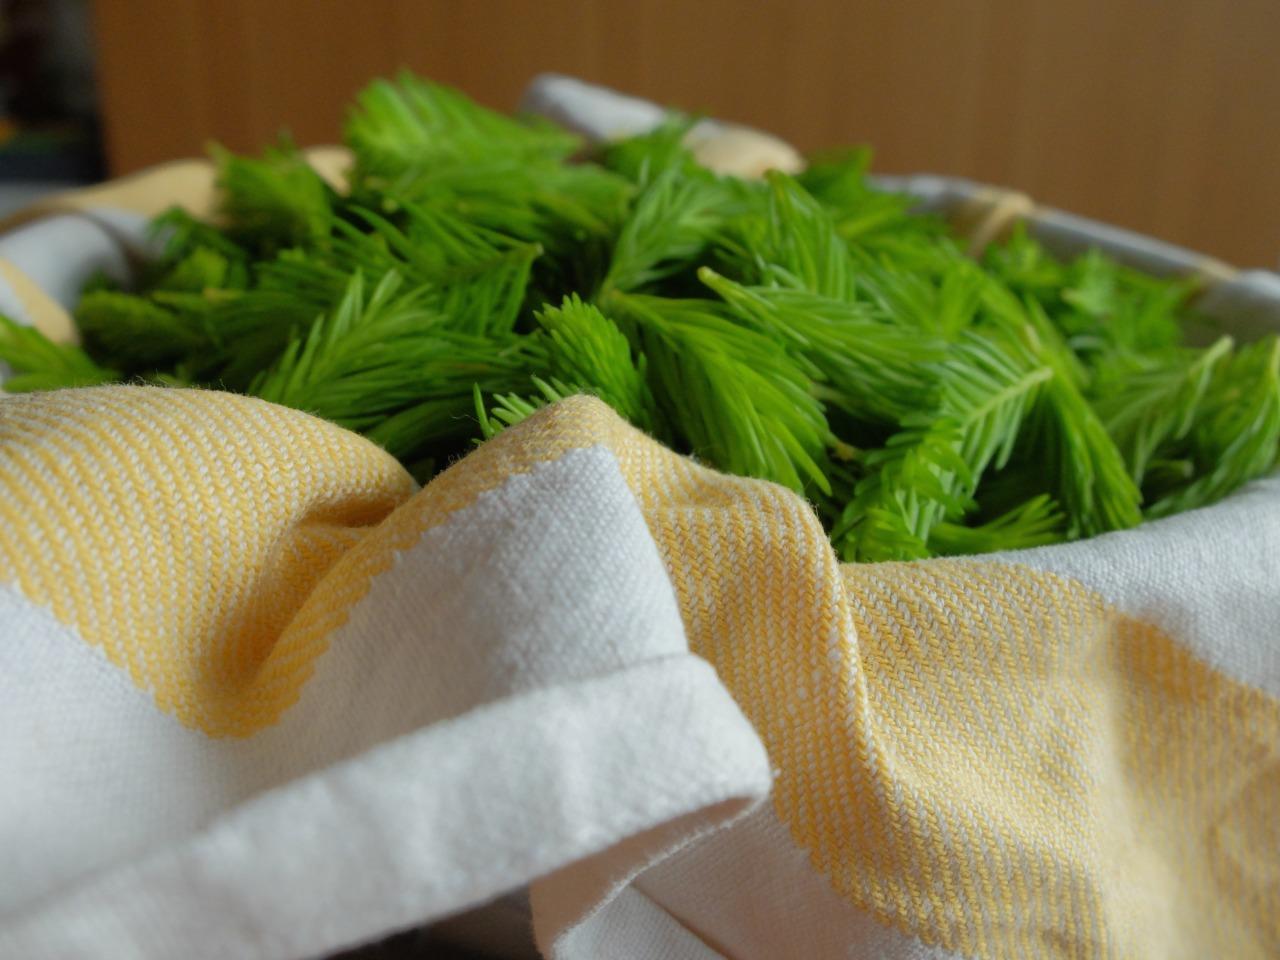 mangia minga - Maiwipfelsirup